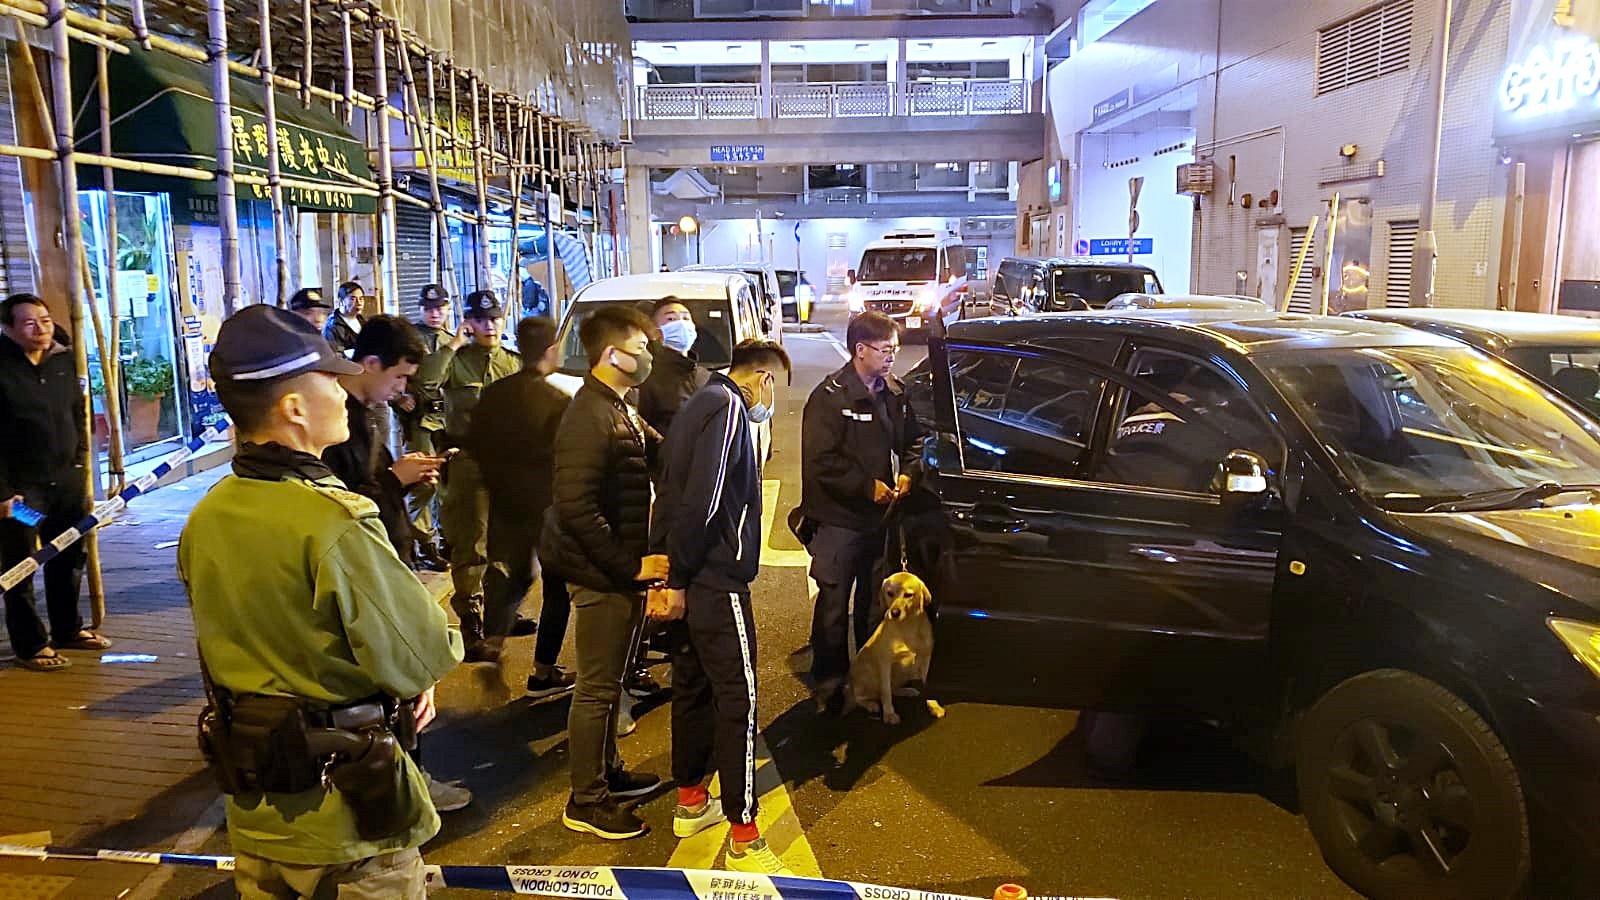 疑避截查驱车撞闸 警擎枪阻止拘捕两男子